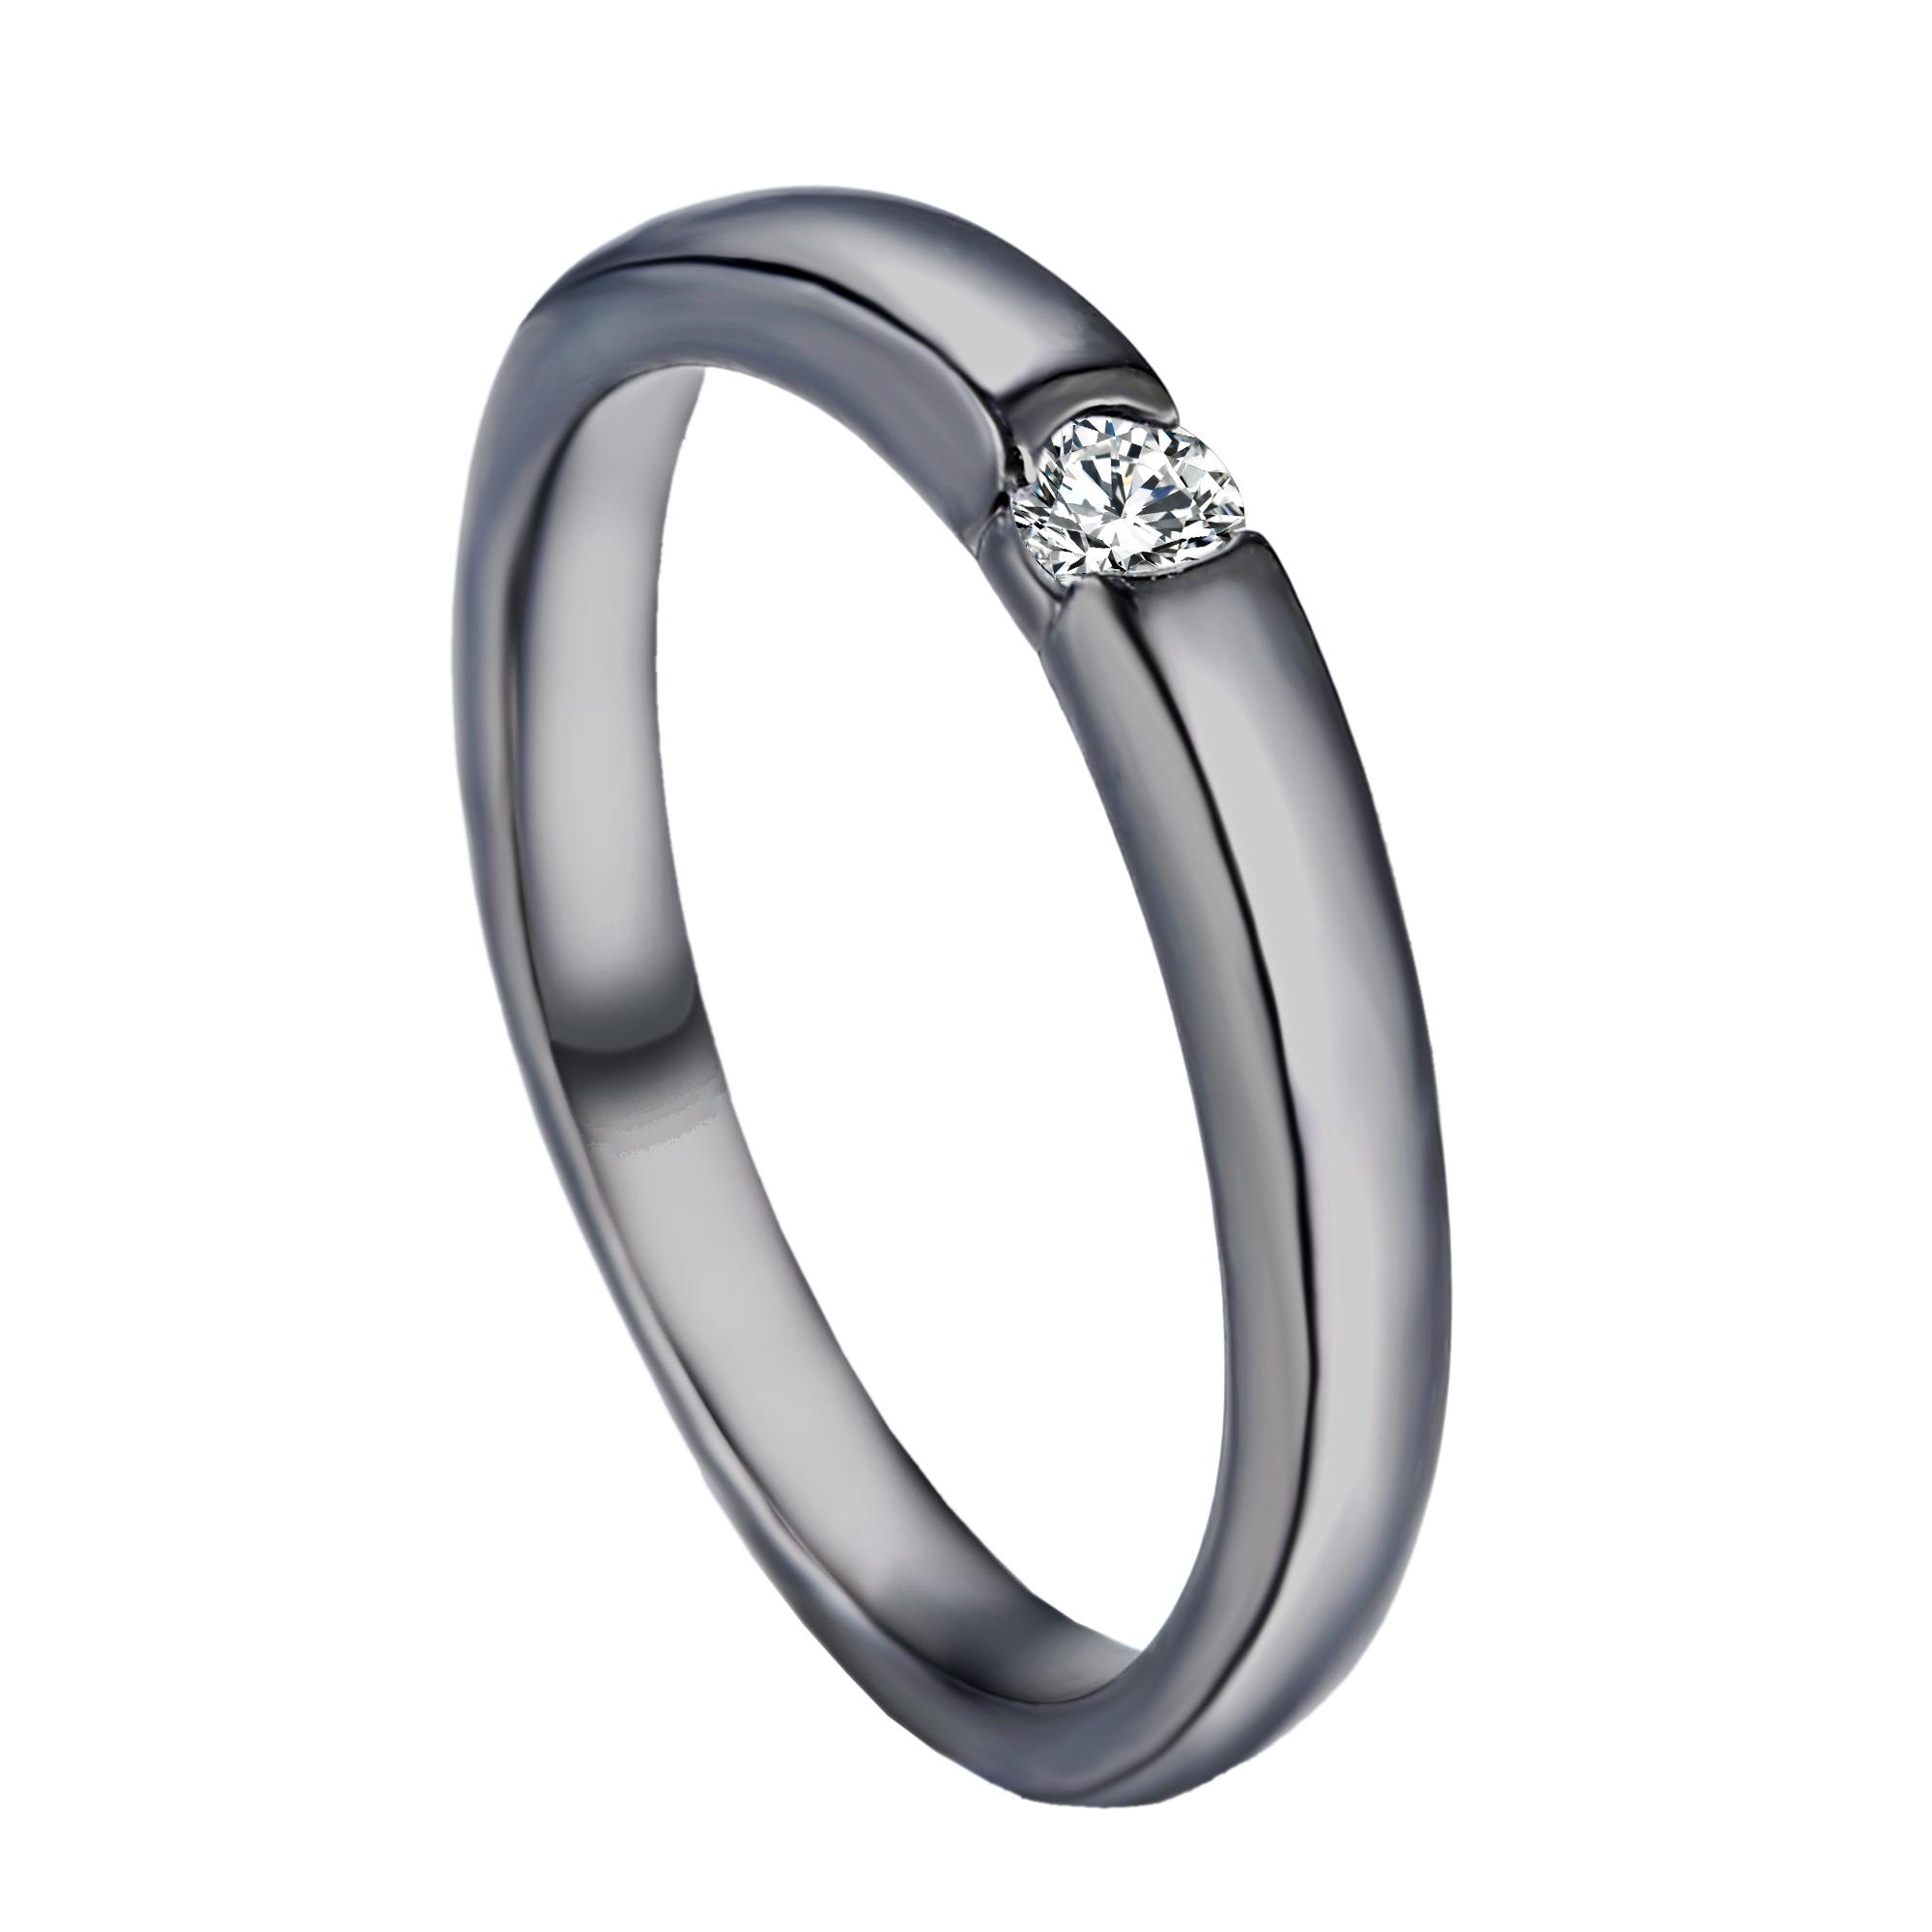 Fashion Women Wedding CZ Crystal Rhinestone Engagement Band Cut Ring Size 8 G